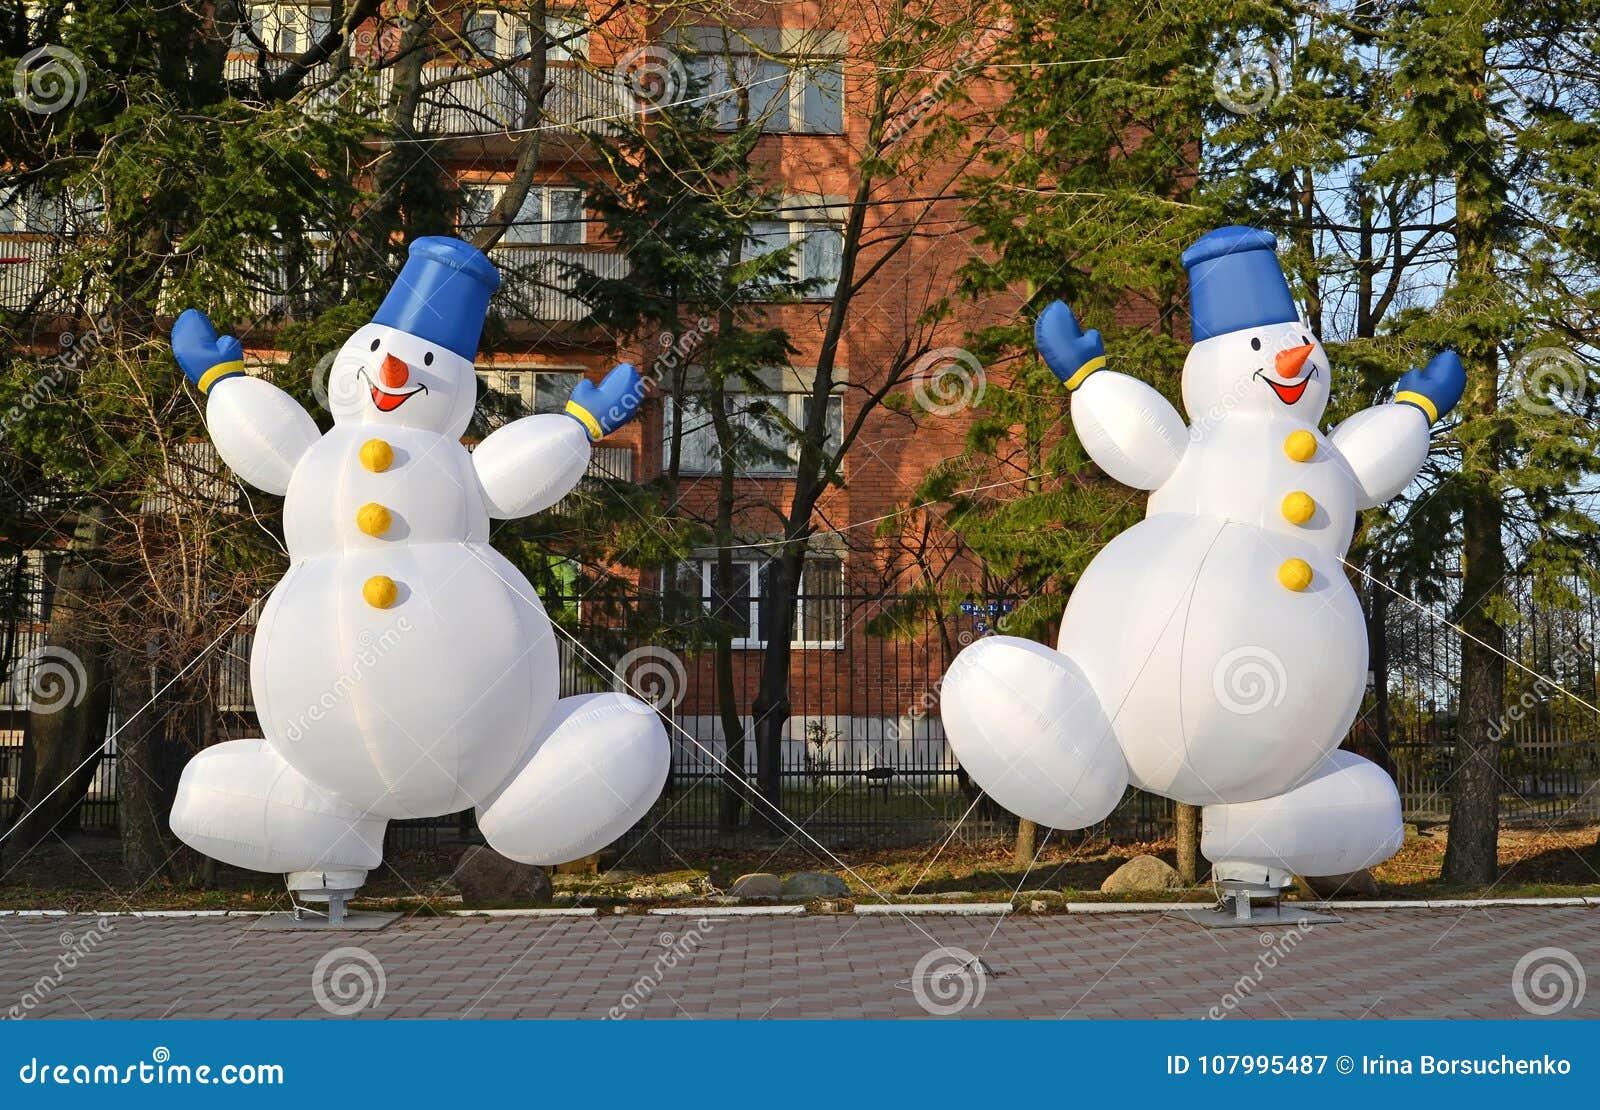 Dos Muñecos De Nieve Inflables Alegres Decoración De La